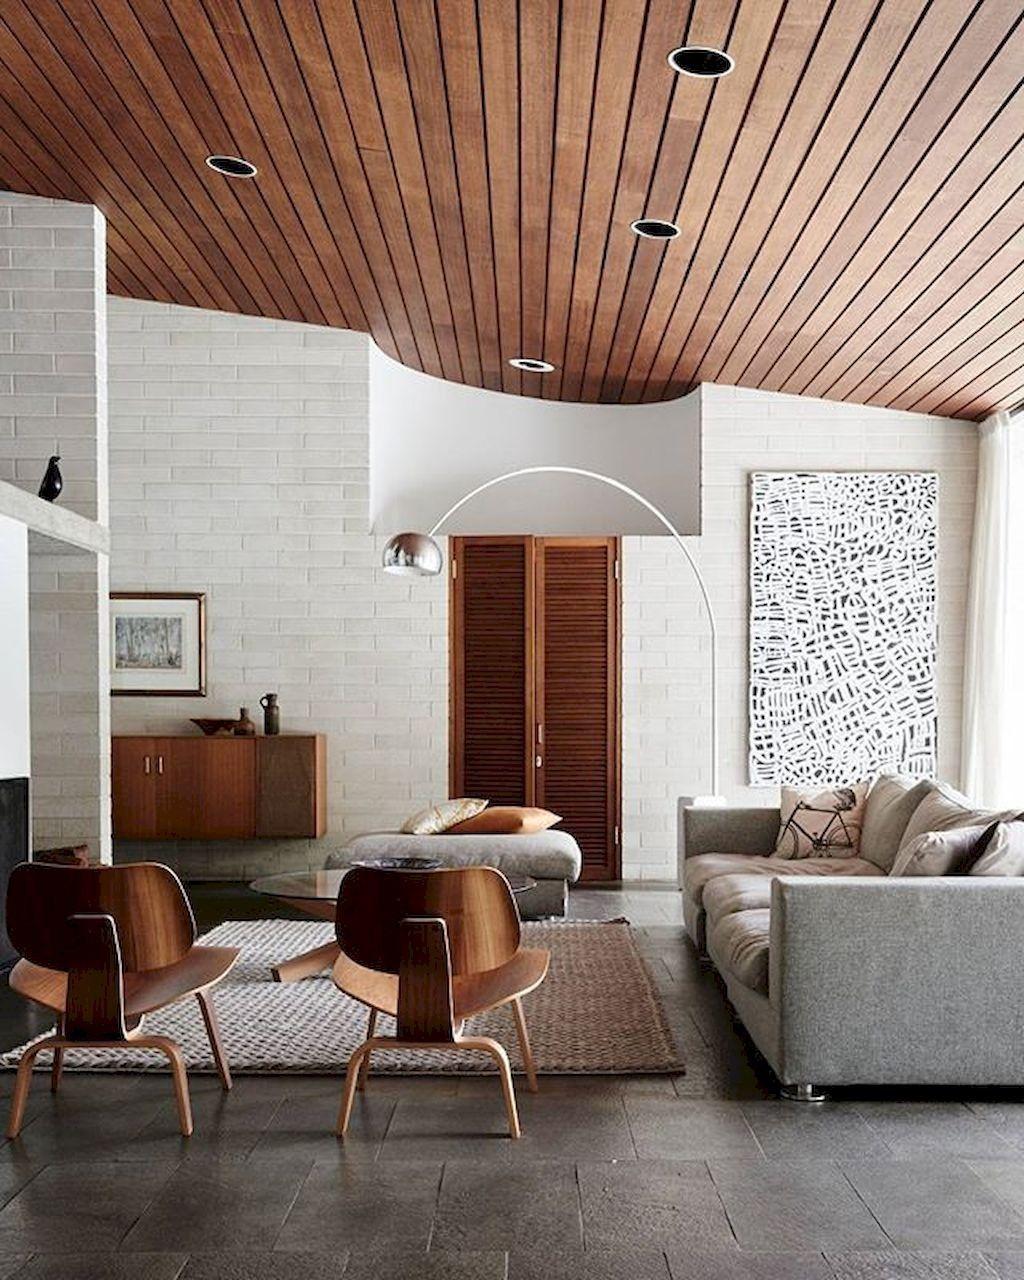 luxury vinyl plank flooring to make your house look fabulous ceiling light design lighting lights also rh pinterest